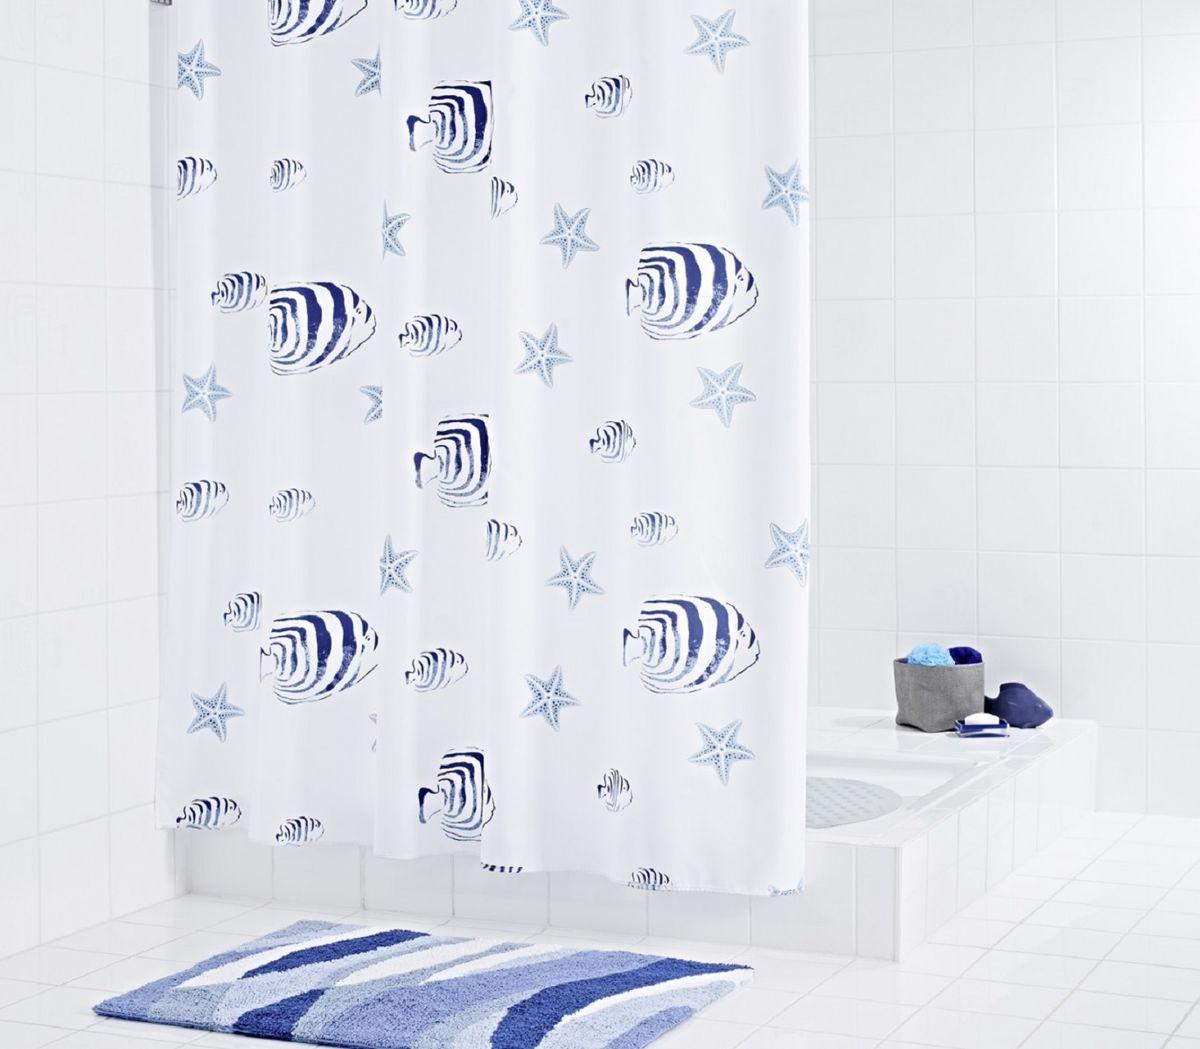 Штора для ванной комнаты Ridder Skalar, 180 х 200 см47360Высококачественная немецкая шторка Ridder Skalar создаст прекрасное настроение в ванной комнате. Данное изделие имеет антигрибковое, водоотталкивающее и антистатическое покрытие и утяжеленный нижний кант. Машинная стирка. Глажка при низкой температуре.